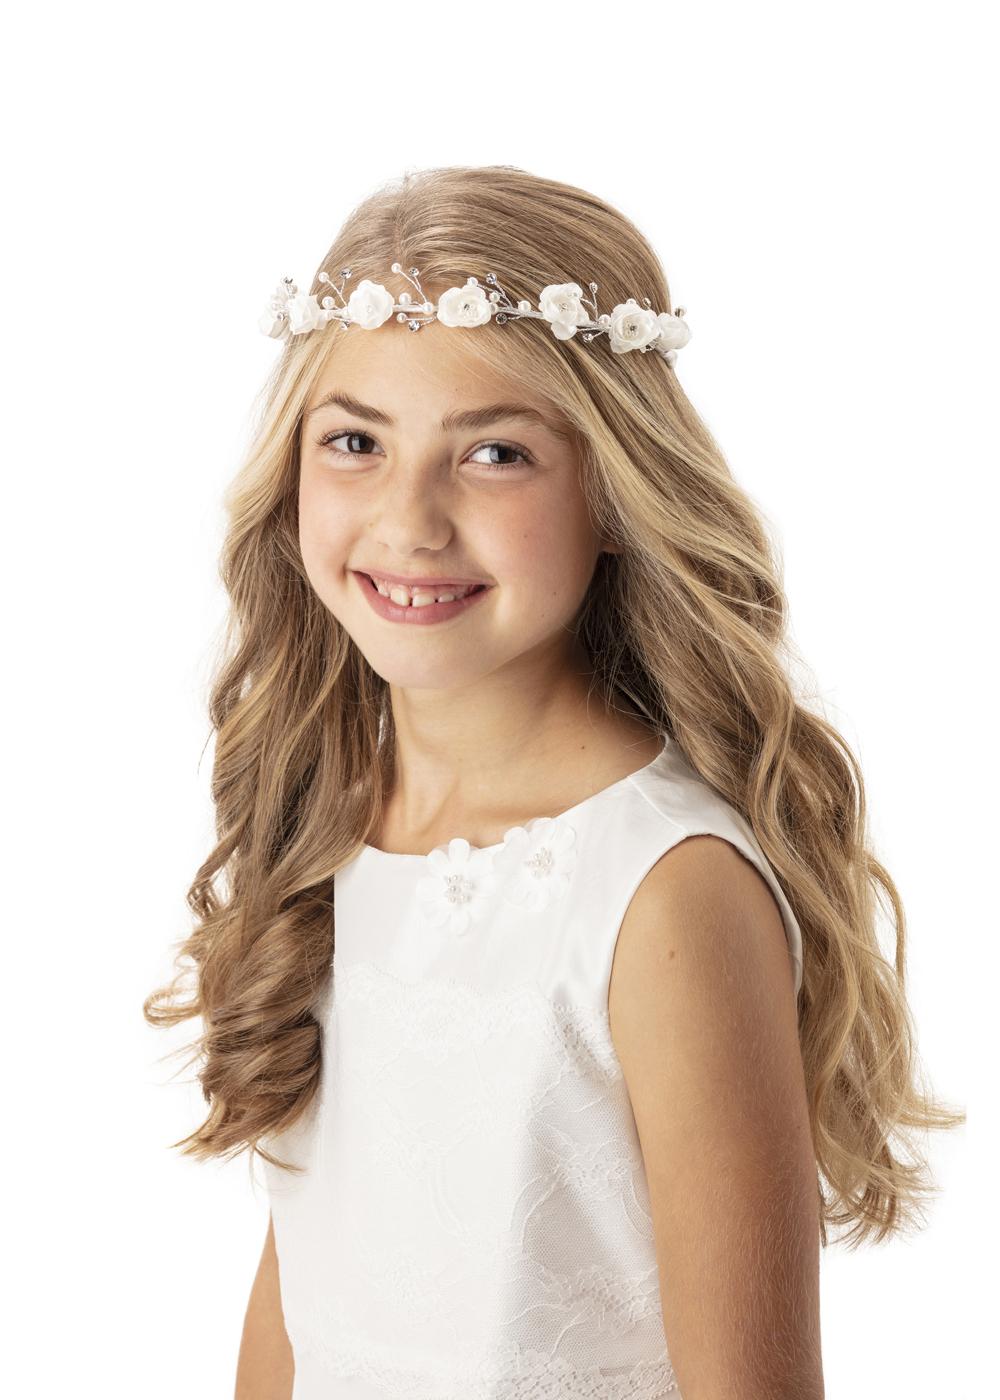 Süßes Stirnband - Kommunion Accessoires für Mädchen - Haarschmuck 256060 009 06